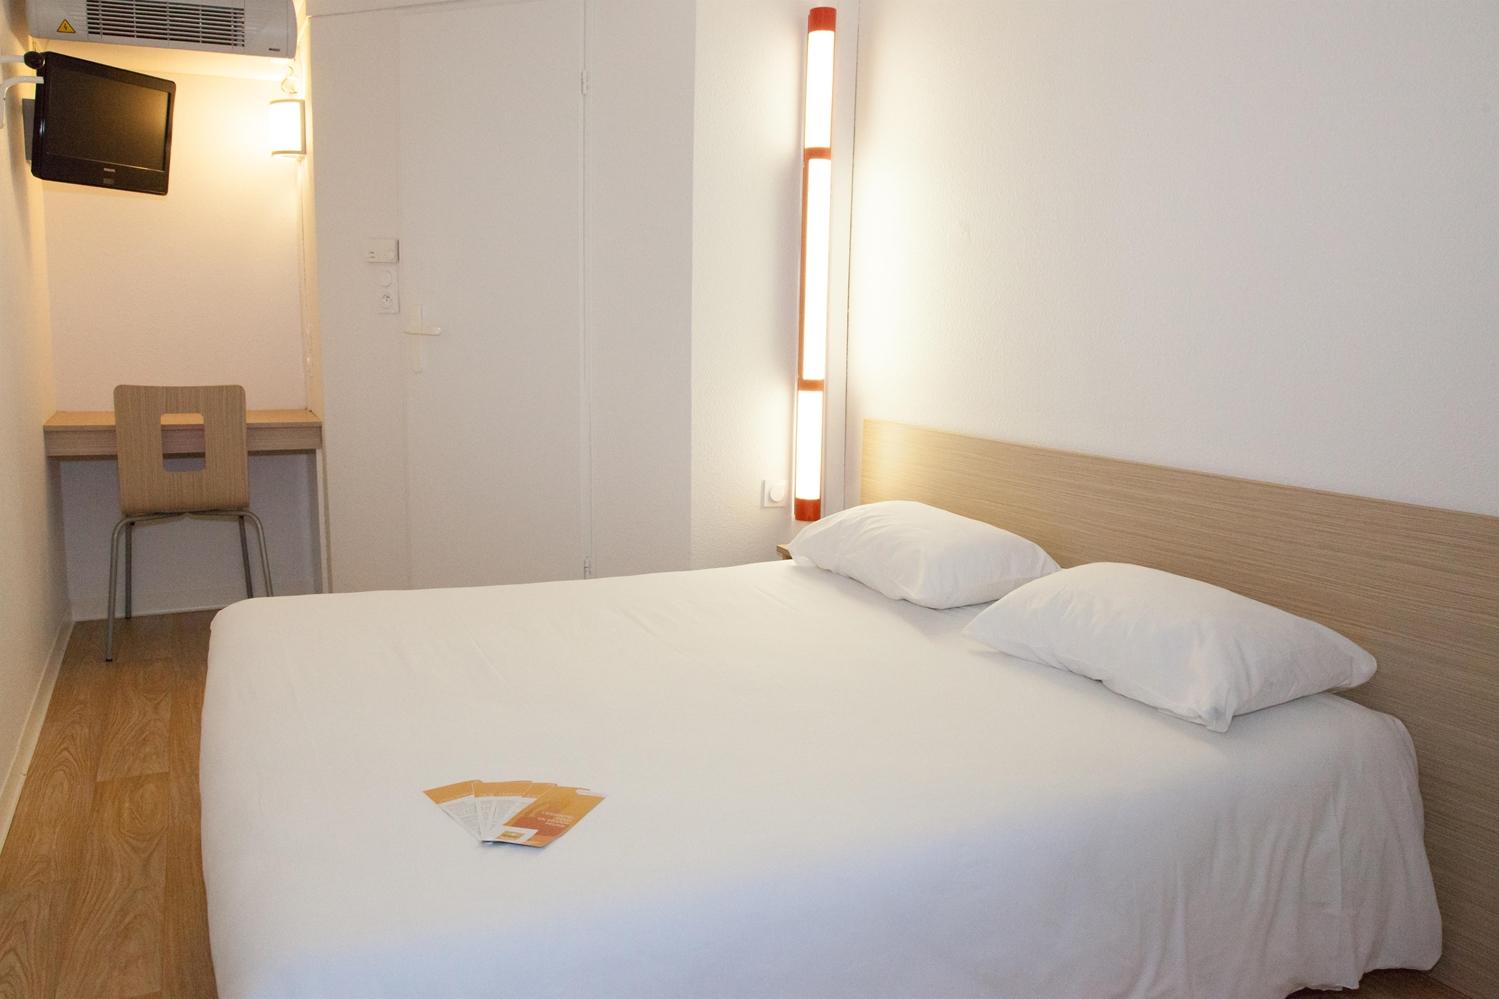 HOTEL PREMIERE CLASSE SAINT MALO - Saint Jouan des Guérets